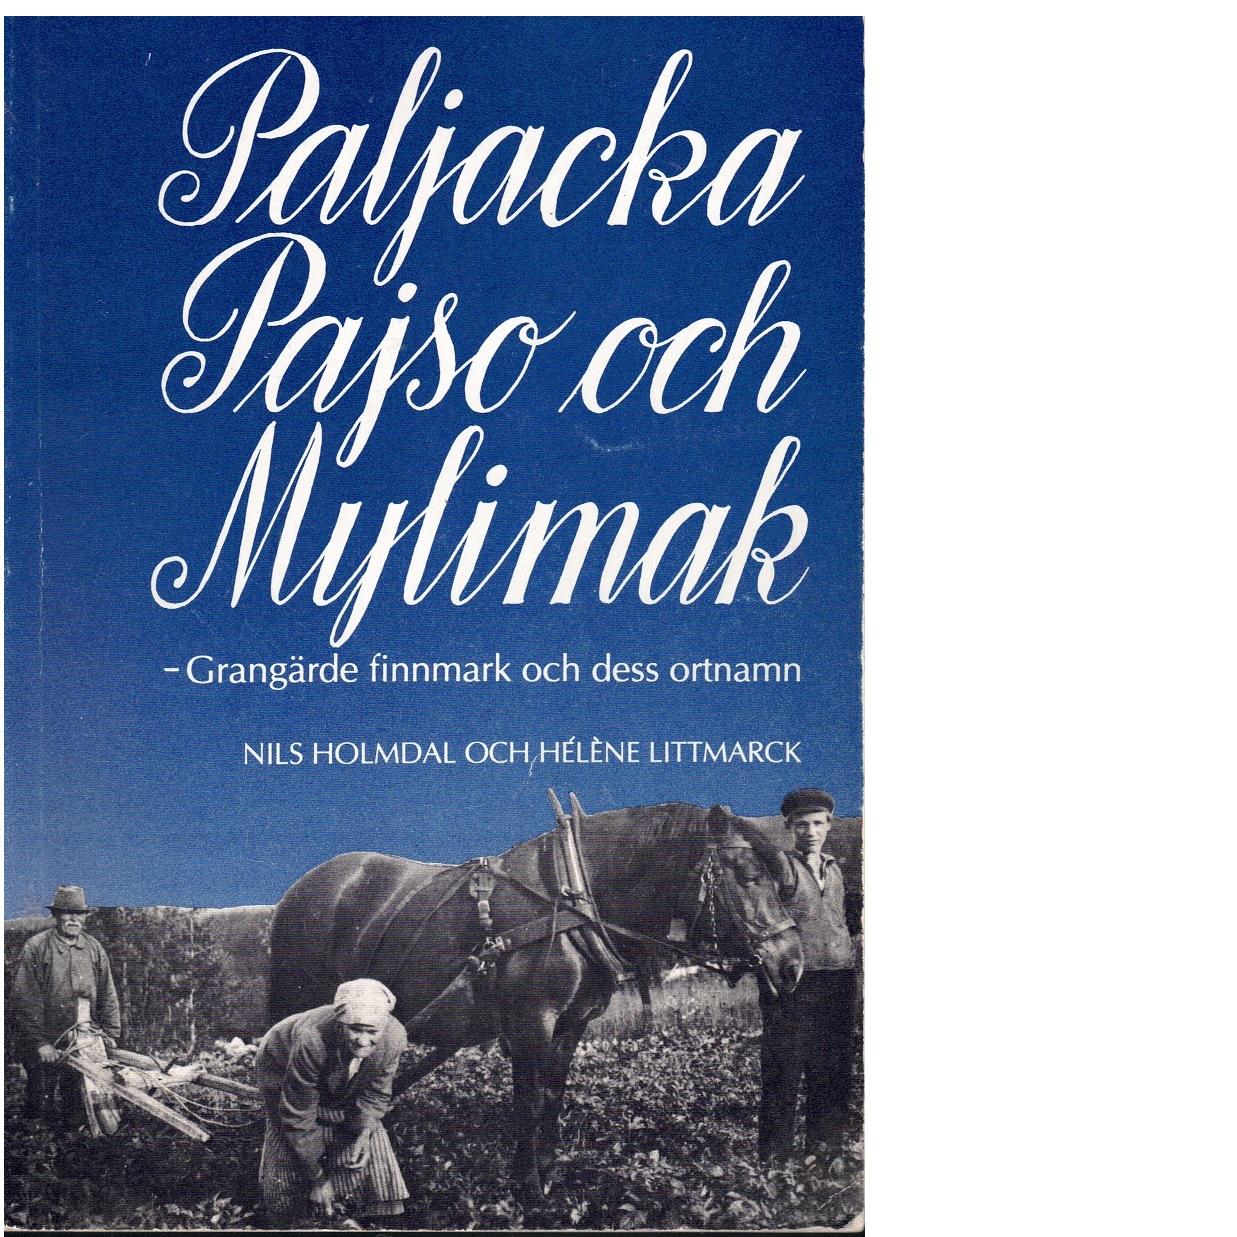 Paljacka, Pajso och Mylimak : Grangärde finnmark och dess ortnamn - Holmdal, Nils och Littmarck, Hélène,